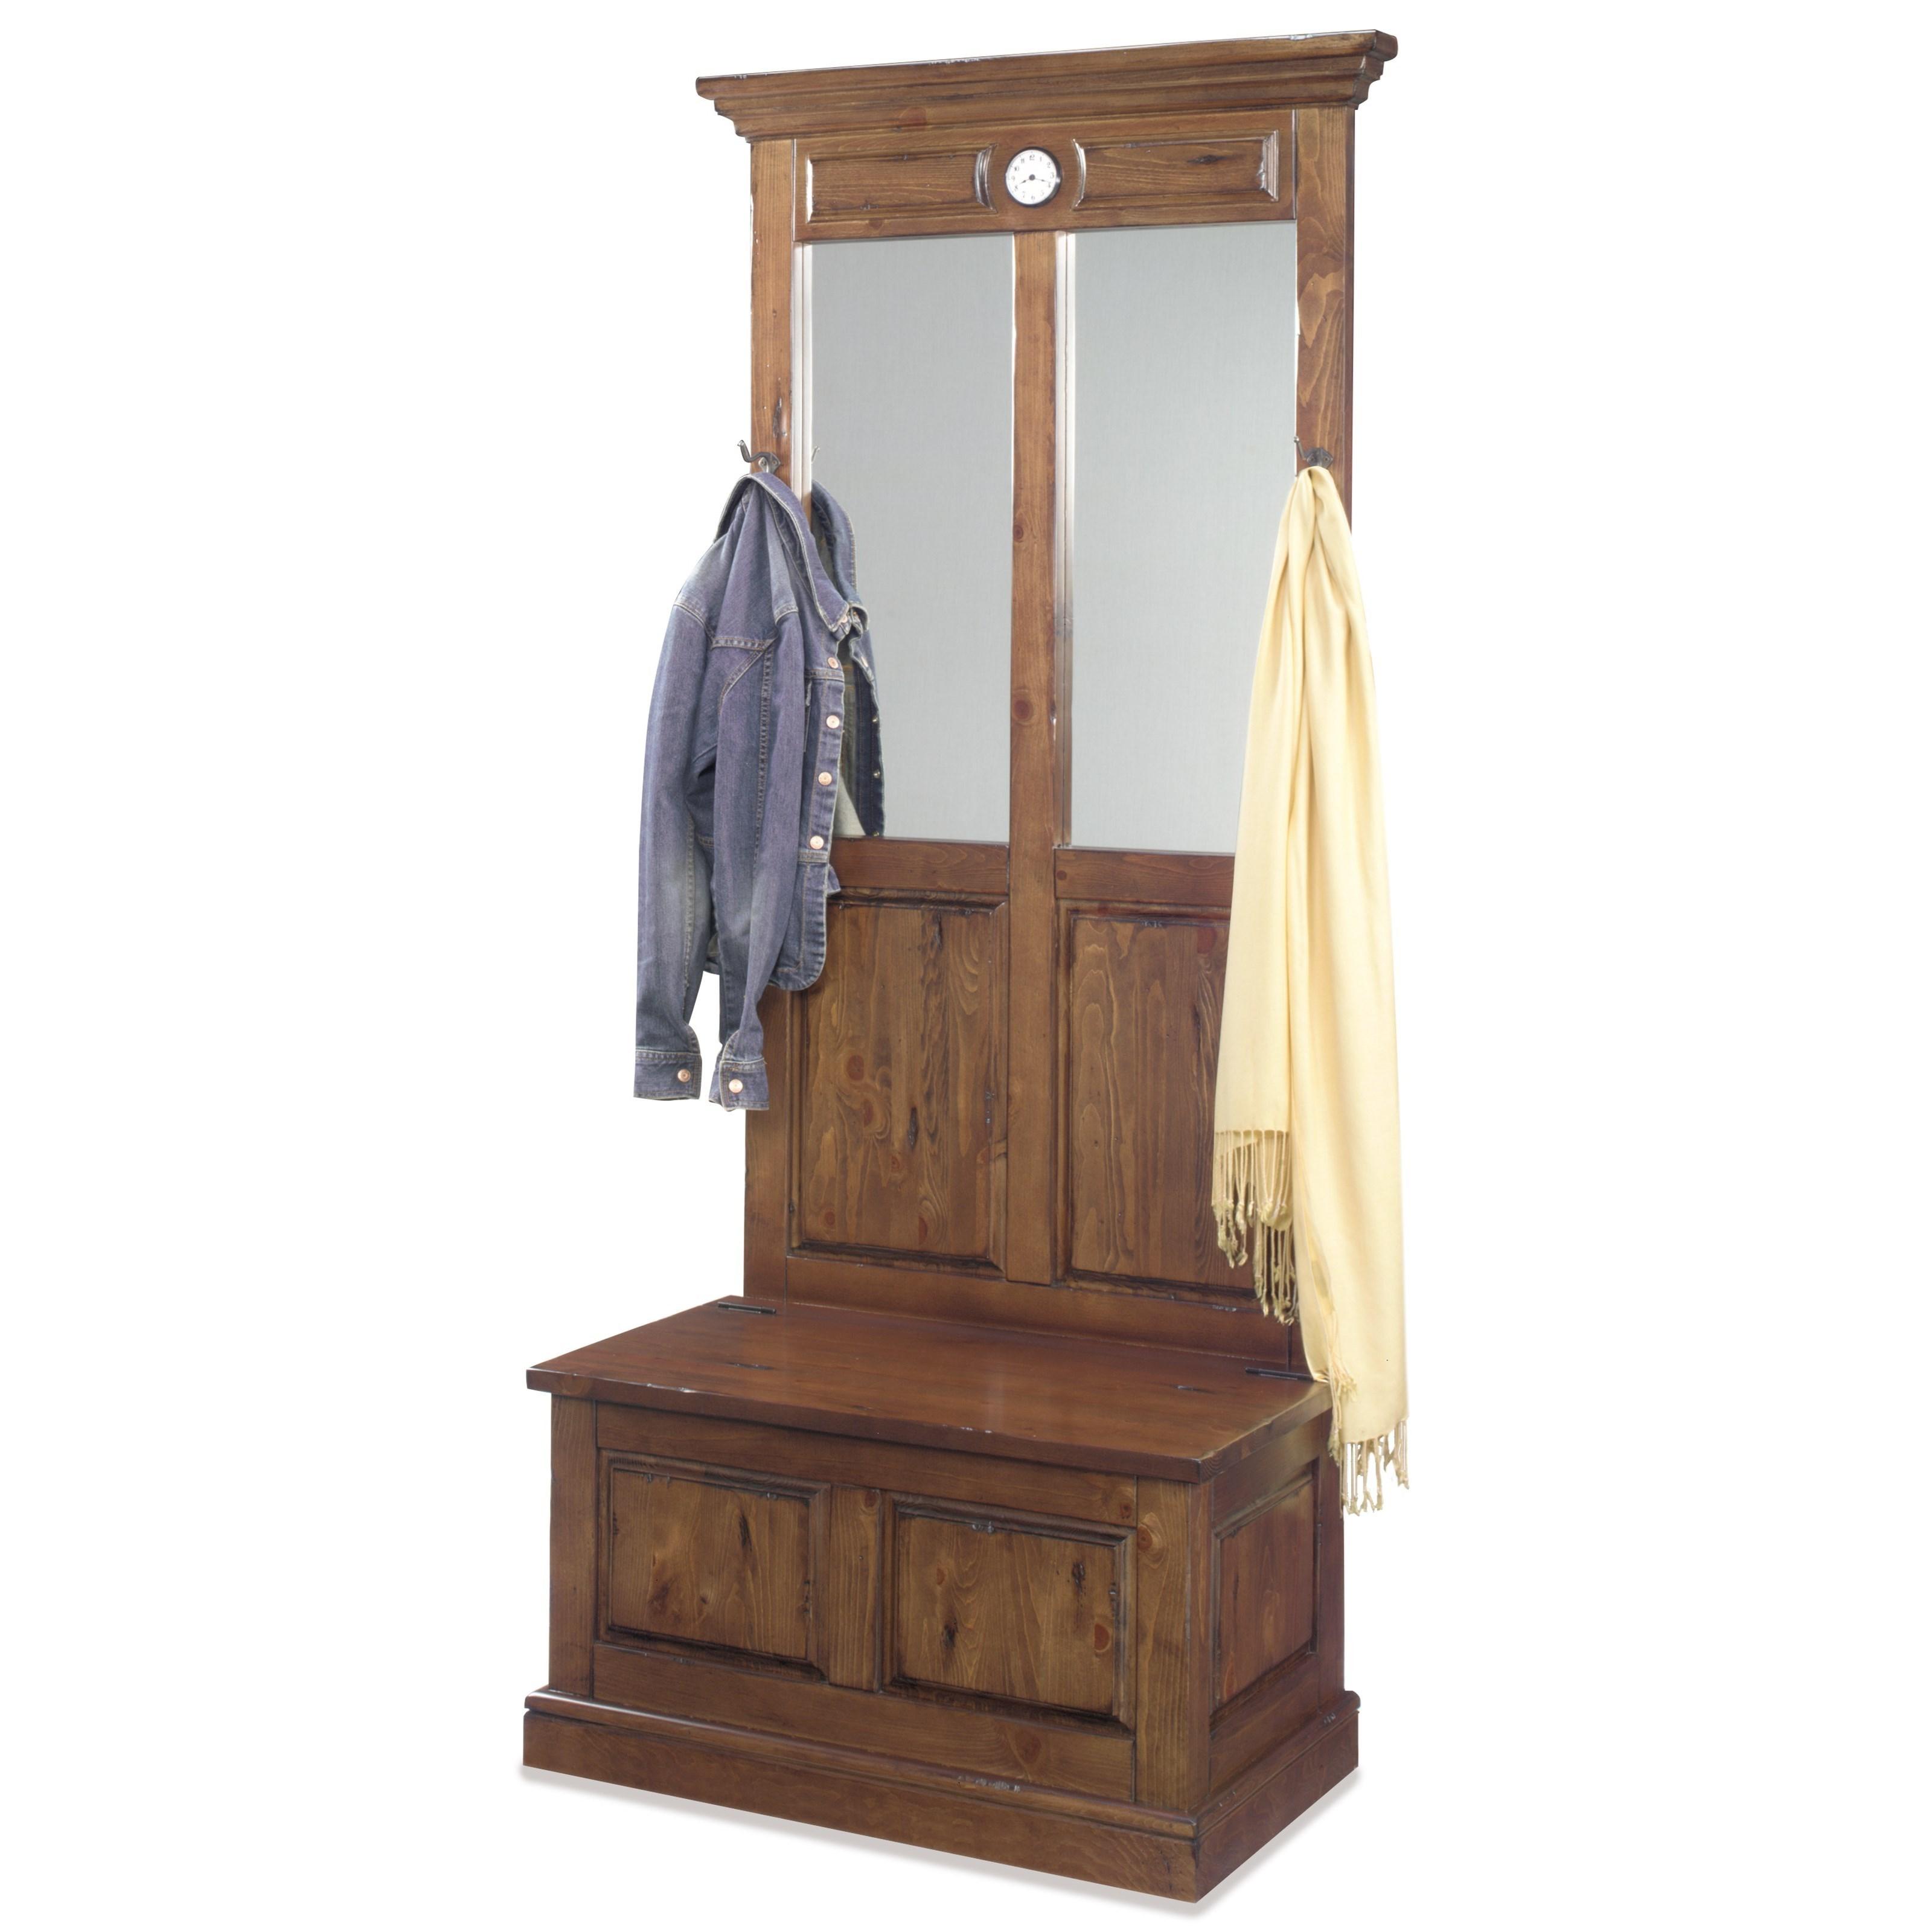 Progressive Furniture Carrington Clock Hall Tree - Item Number: A418-19B+19T